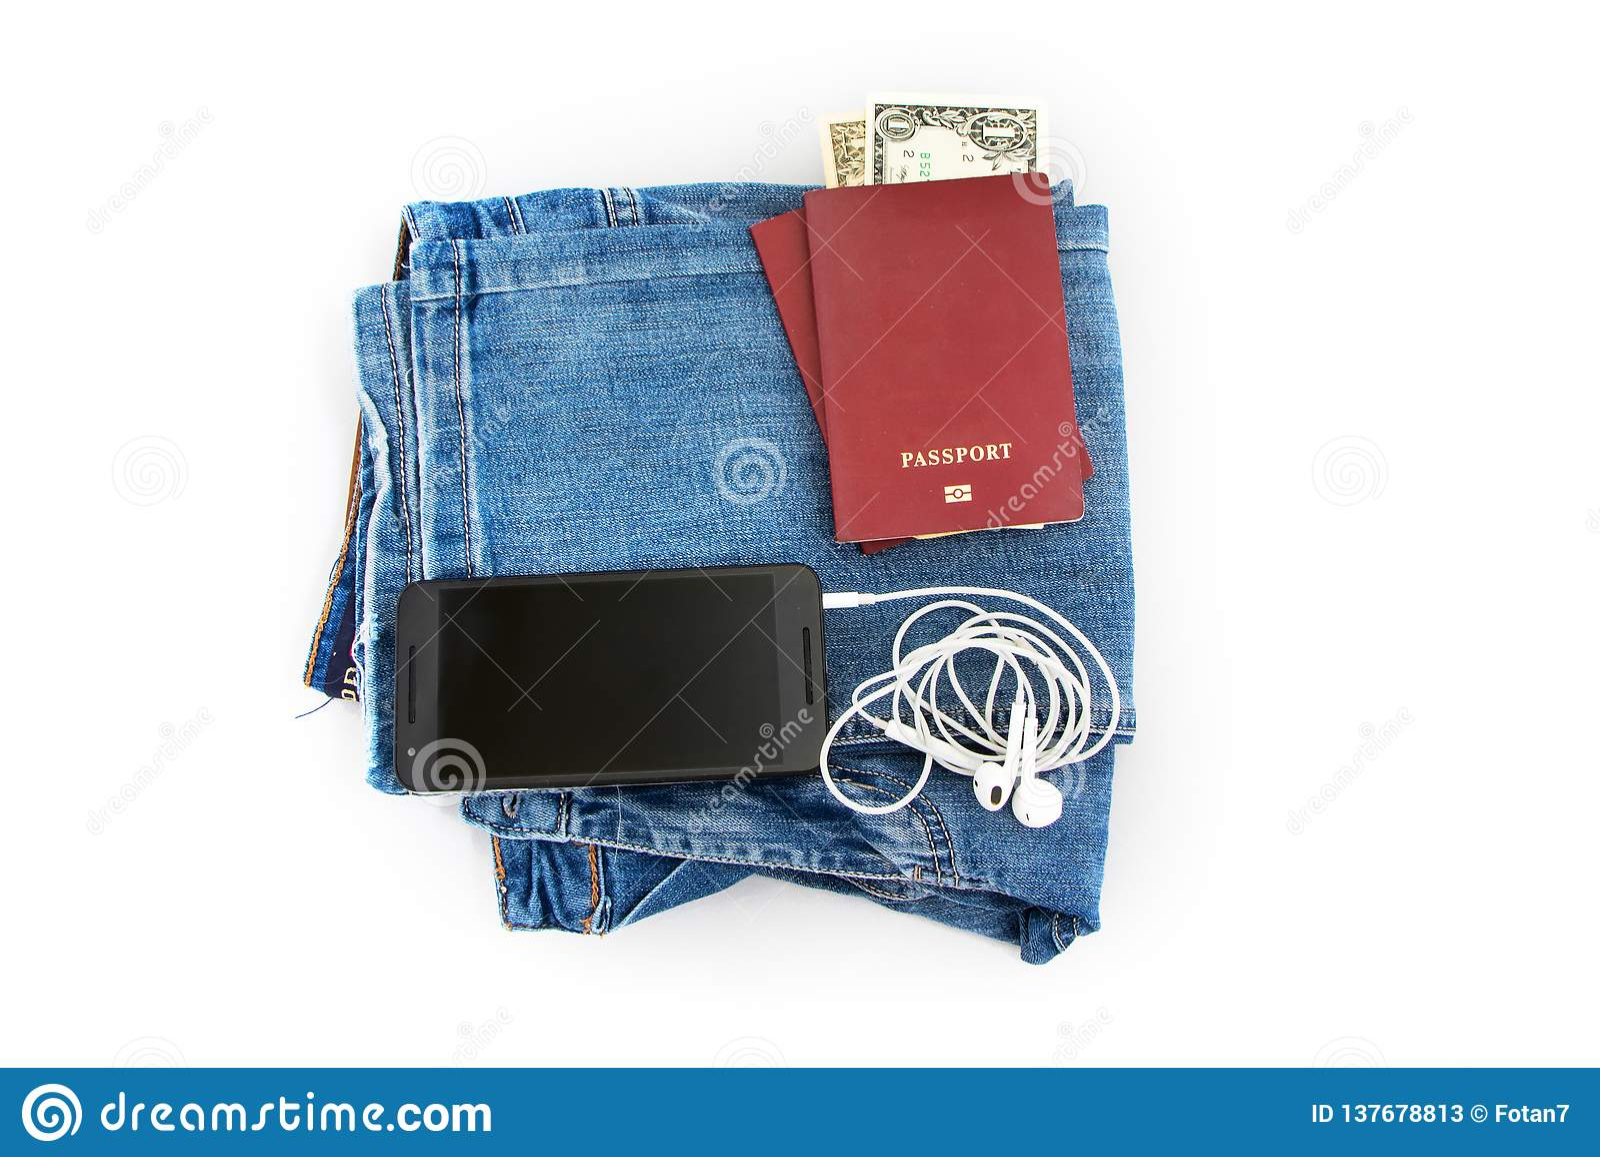 Подготовка для перемещения, паспорт, деньги, телефон с наушниками на джинсах изолировала белую предпосылку